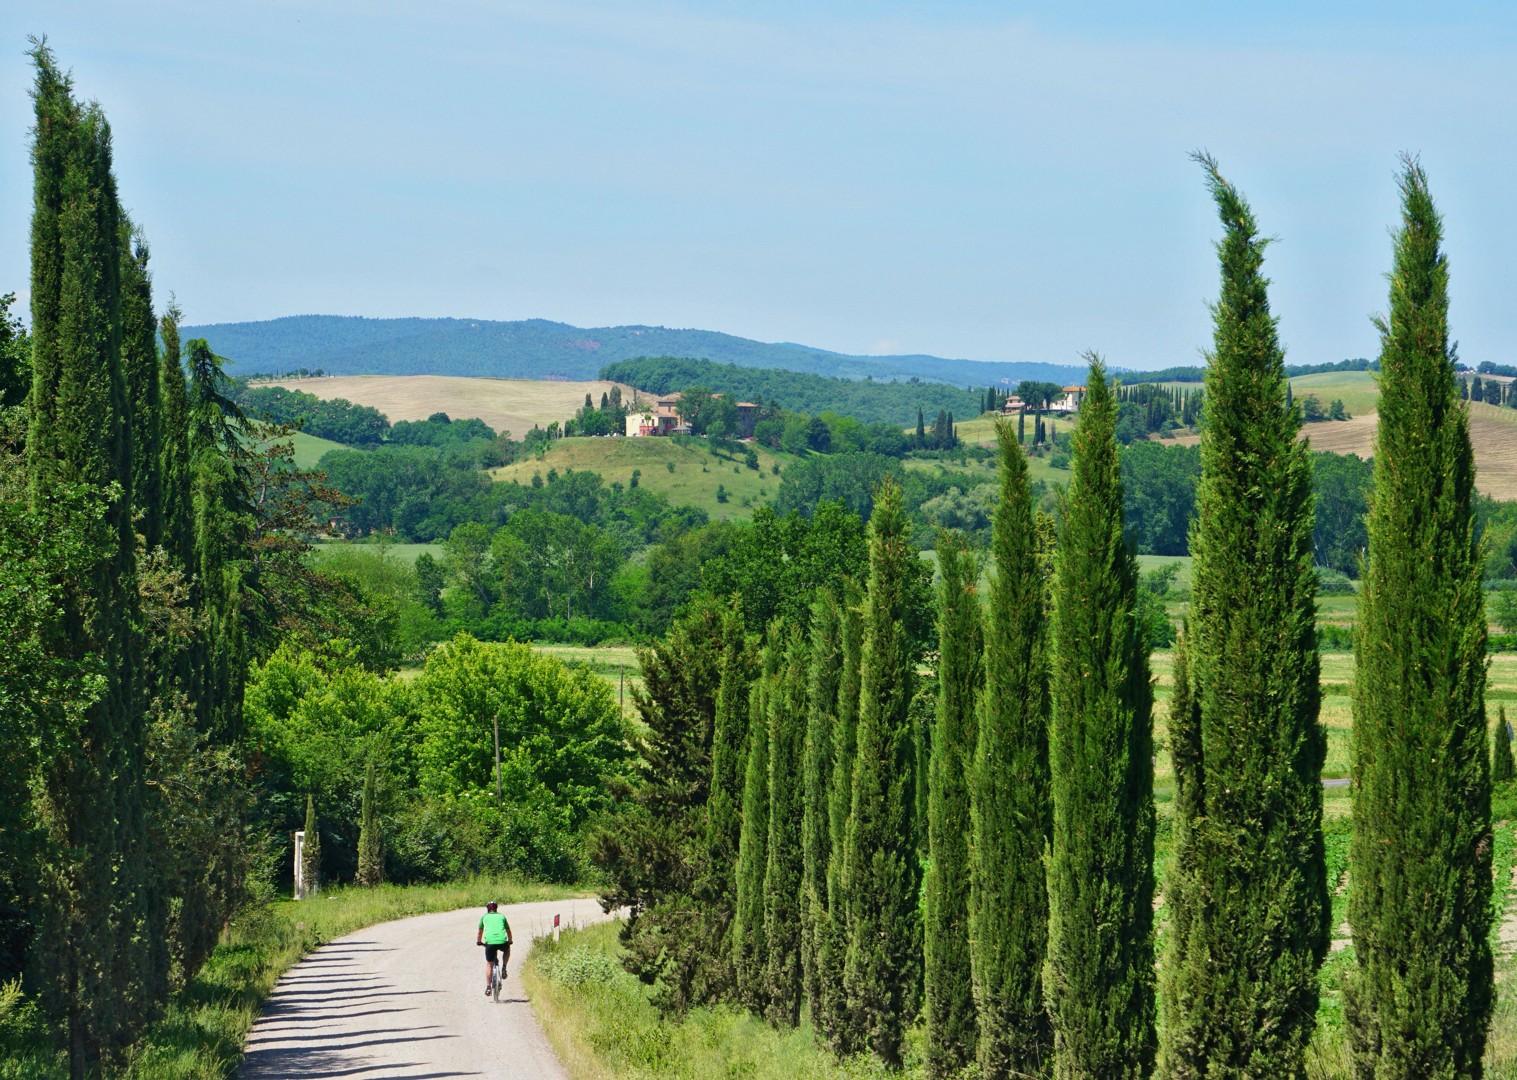 35490268780_464890b42d_o.jpg - Italy - Via Francigena (Tuscany to Rome) - Mountain Biking